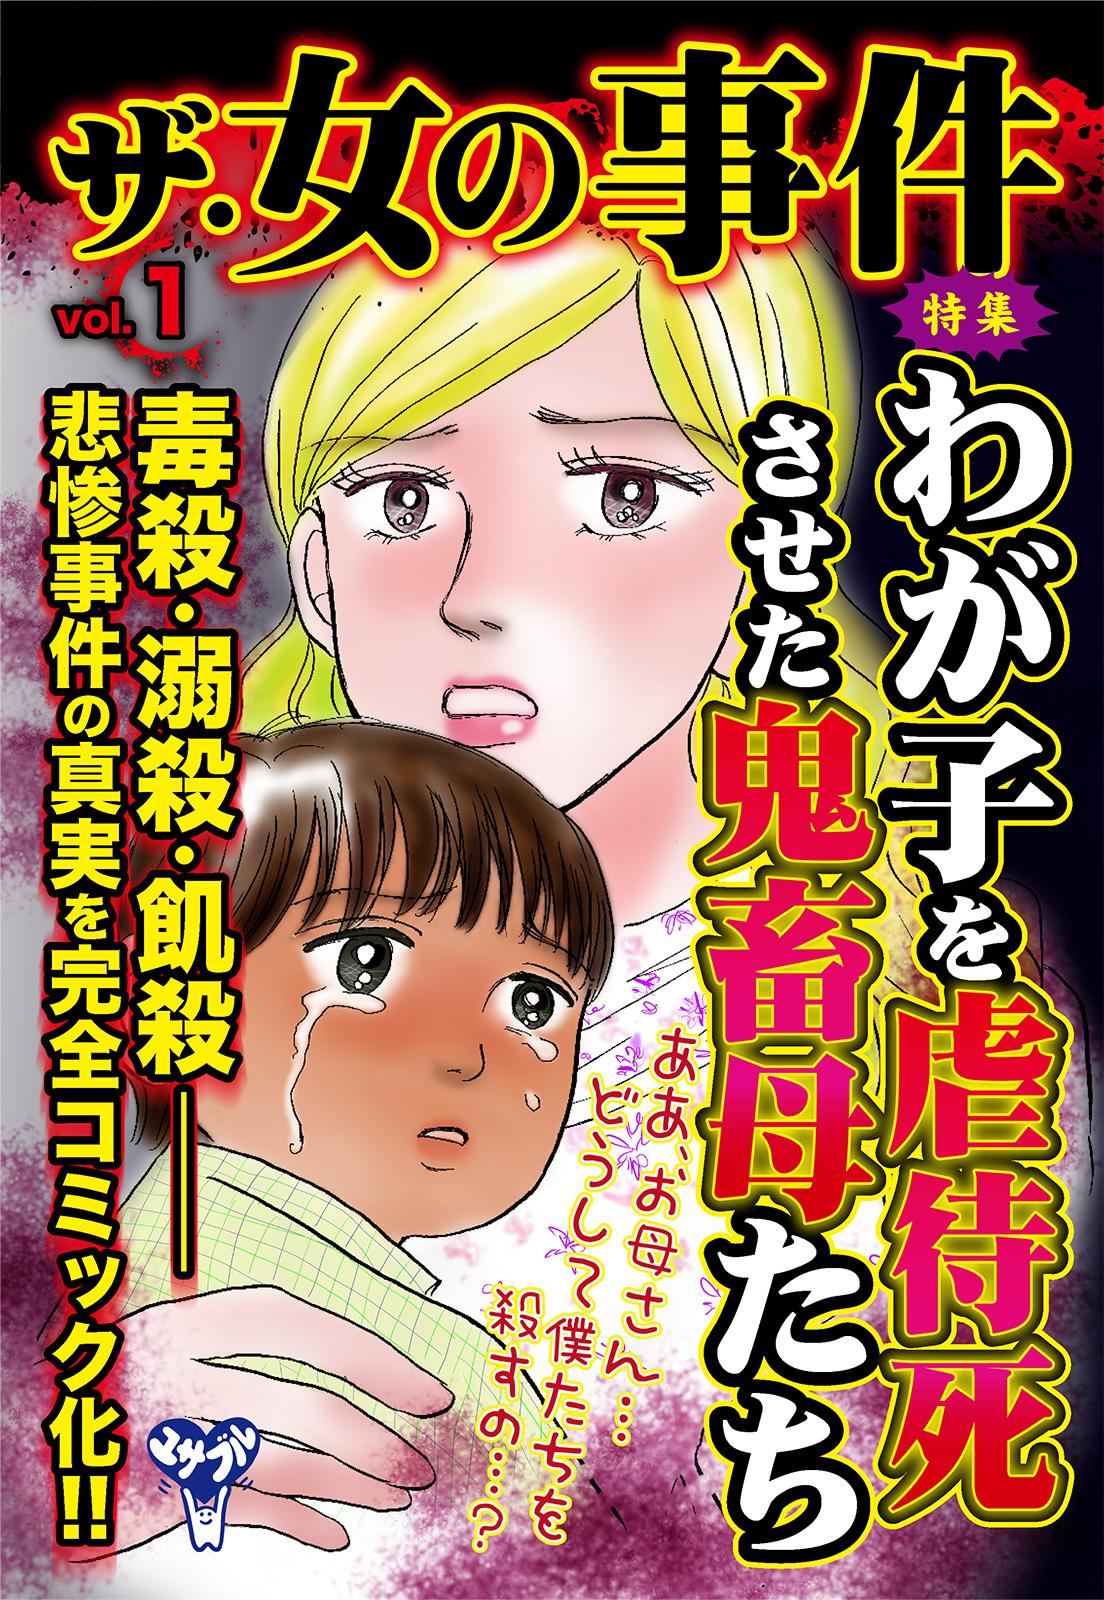 ザ・女の事件Vol.1(母性欠落ママ愛児餓死事件)